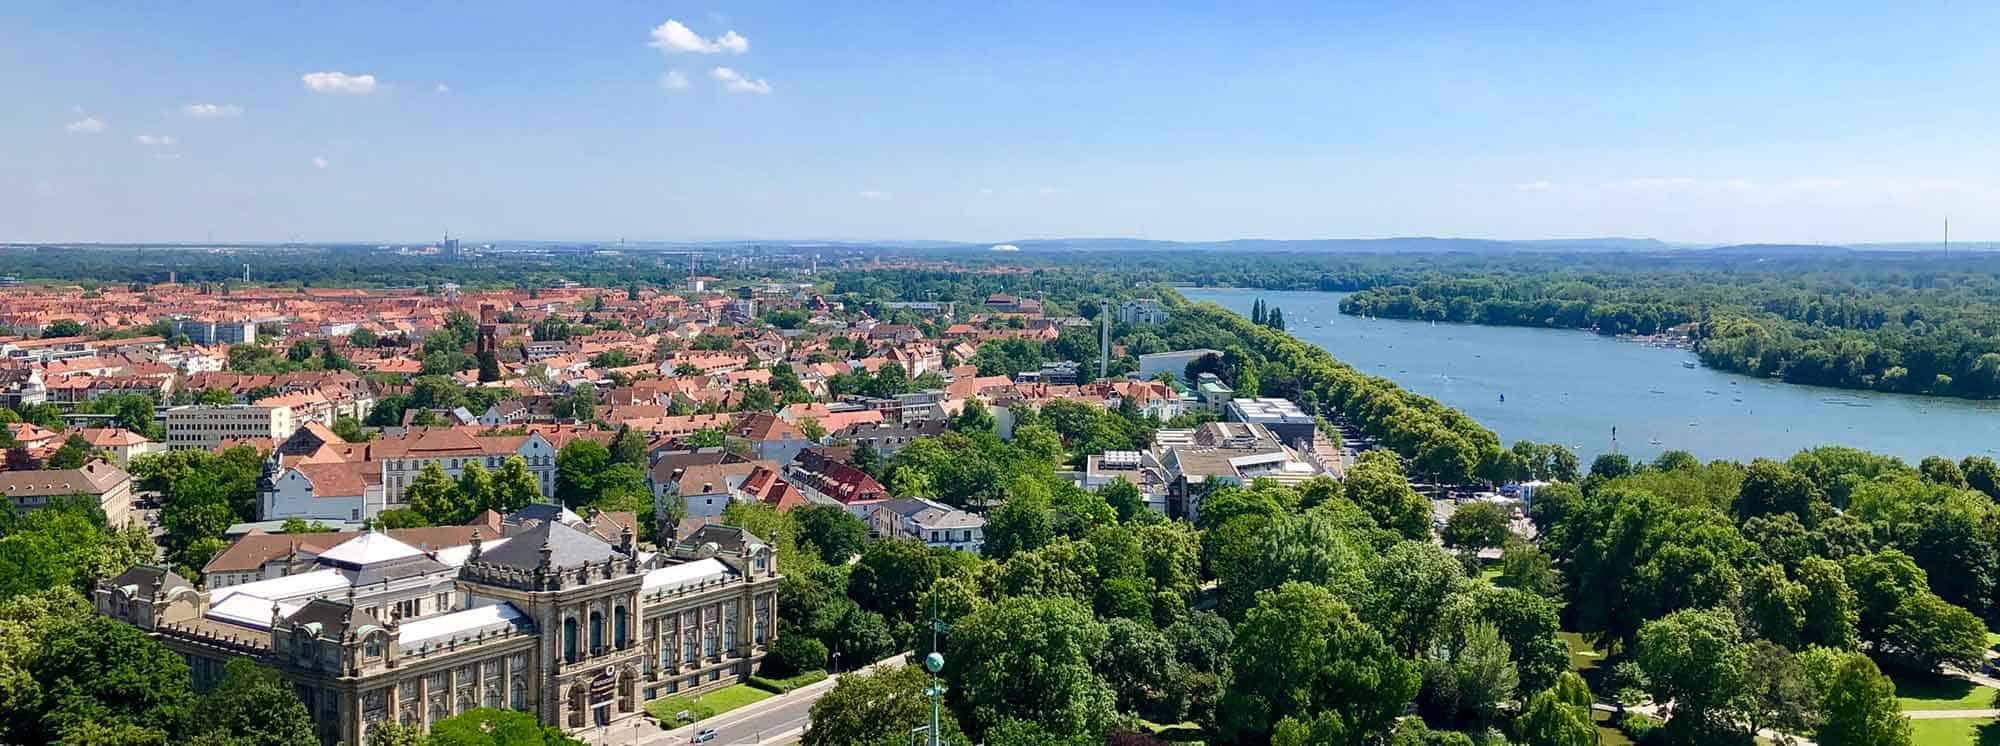 Best International Schools in Lower Saxony